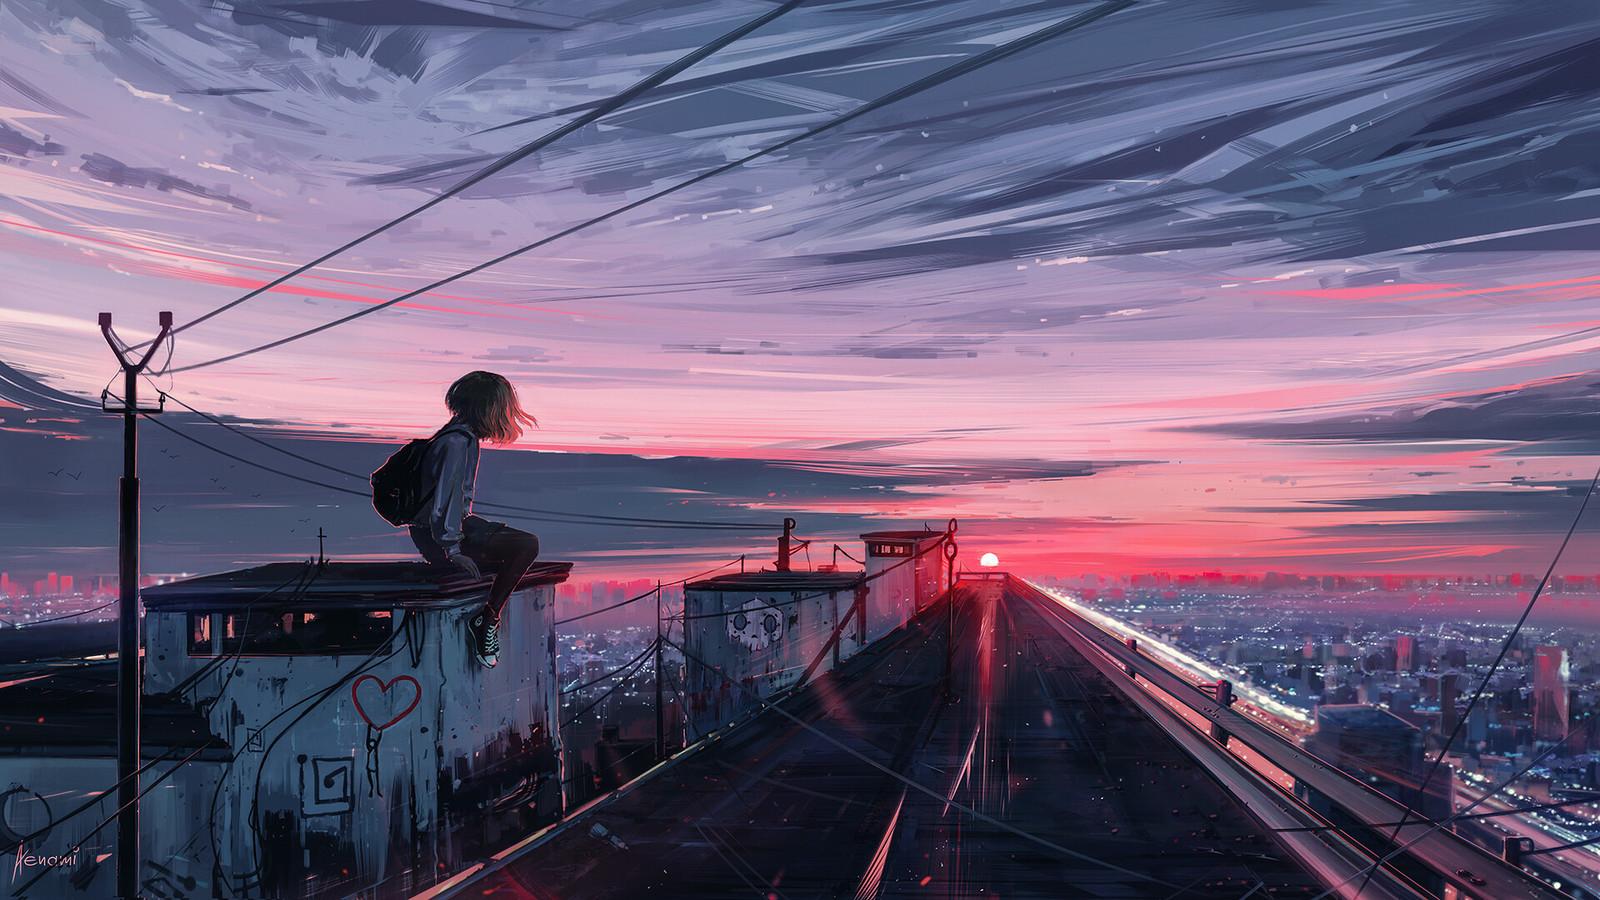 Hình ảnh anime buồn cực đẹp